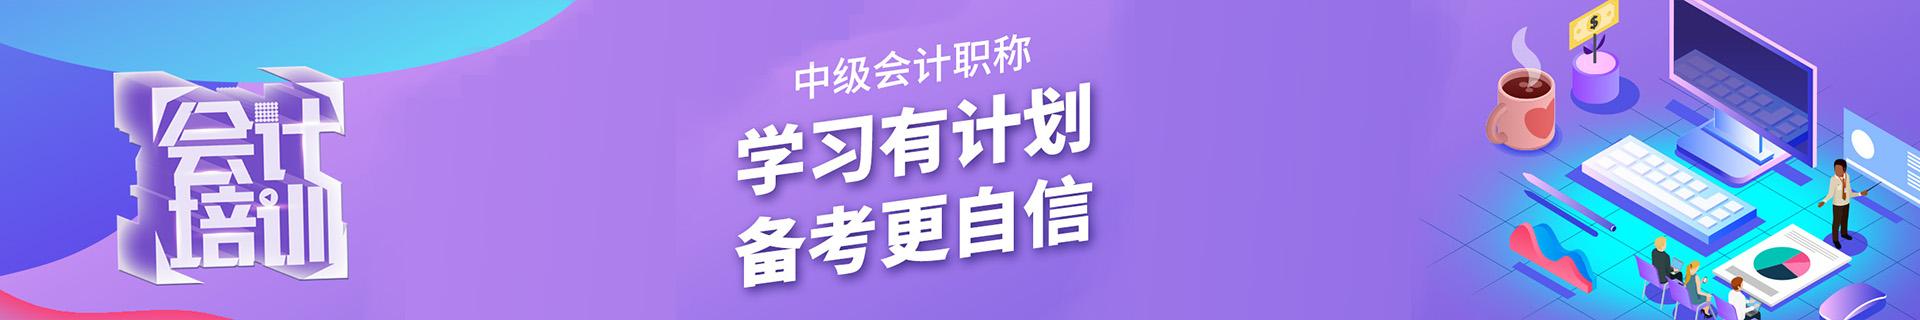 河南开封优路教育培训学校